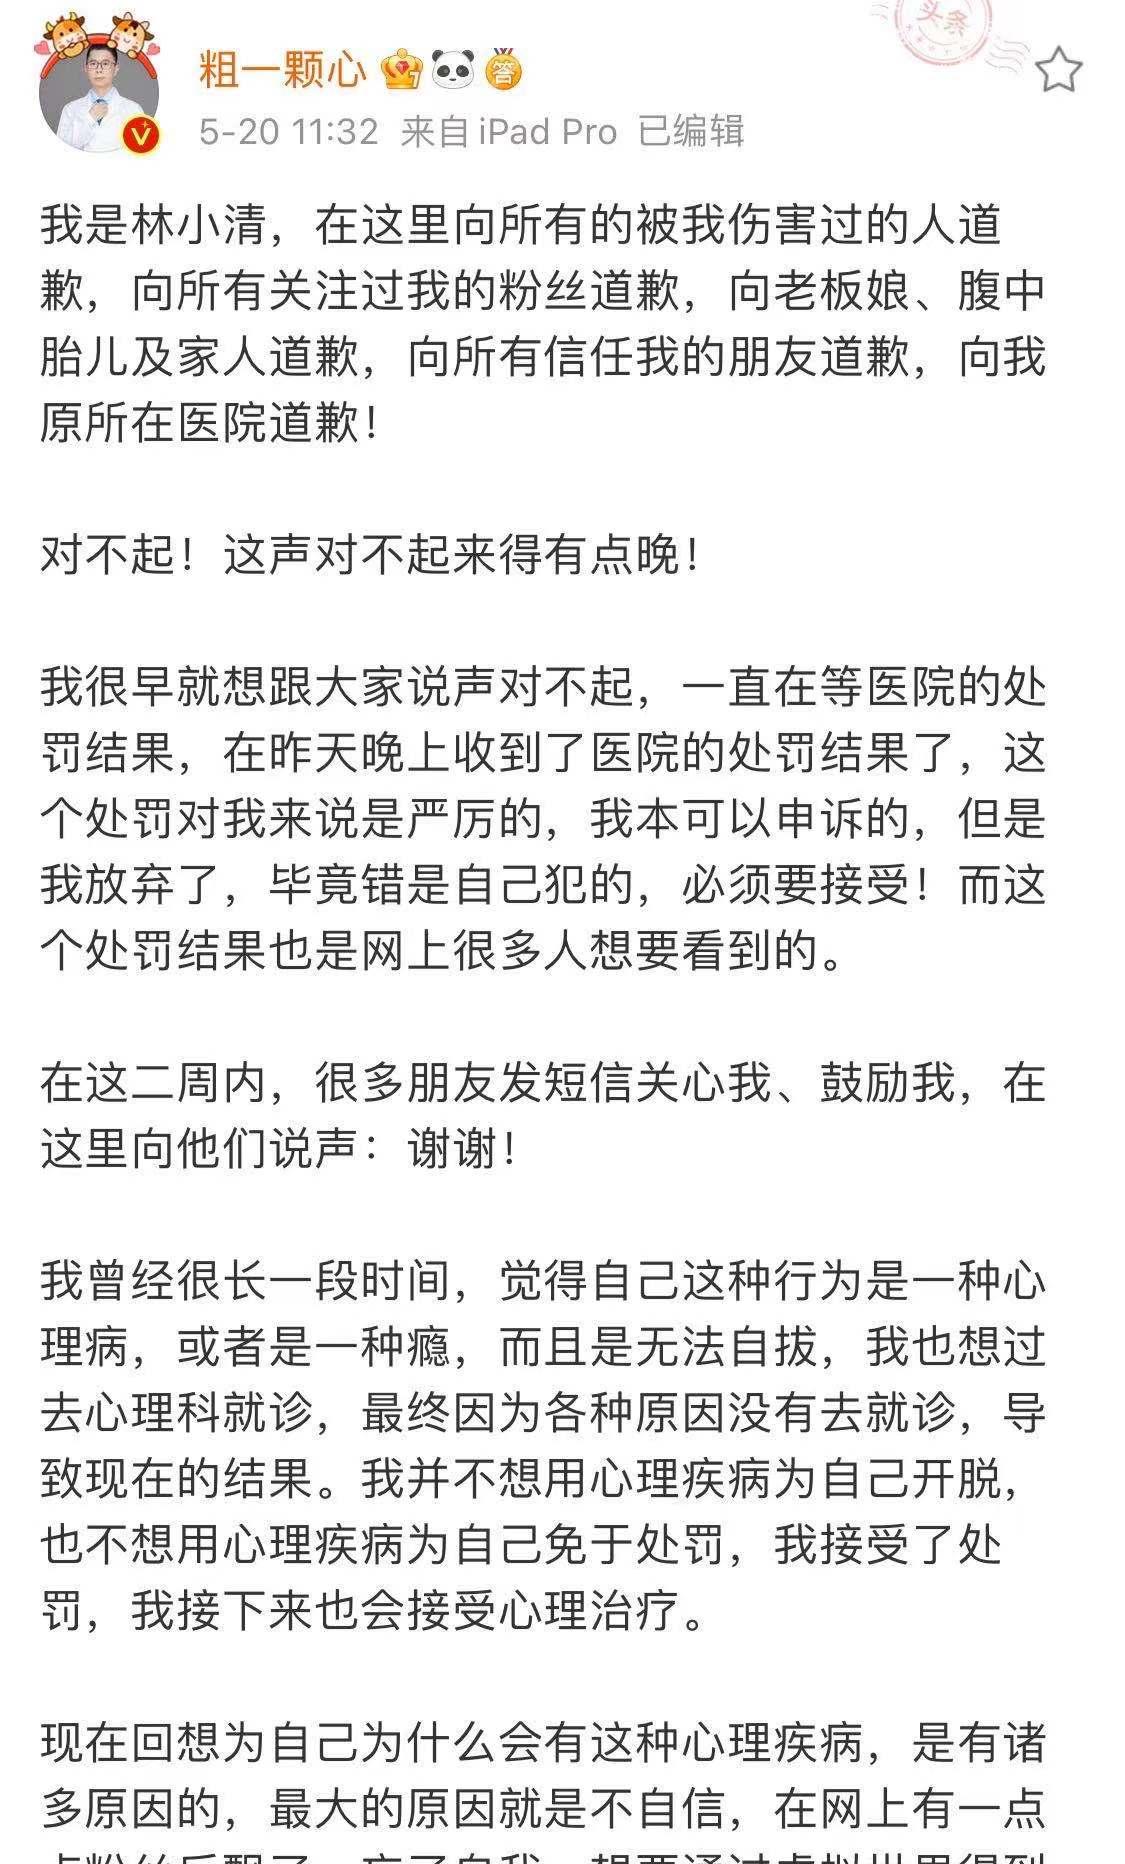 医疗大V私信性骚扰女网友,福建医科大学附一院:已正式解聘